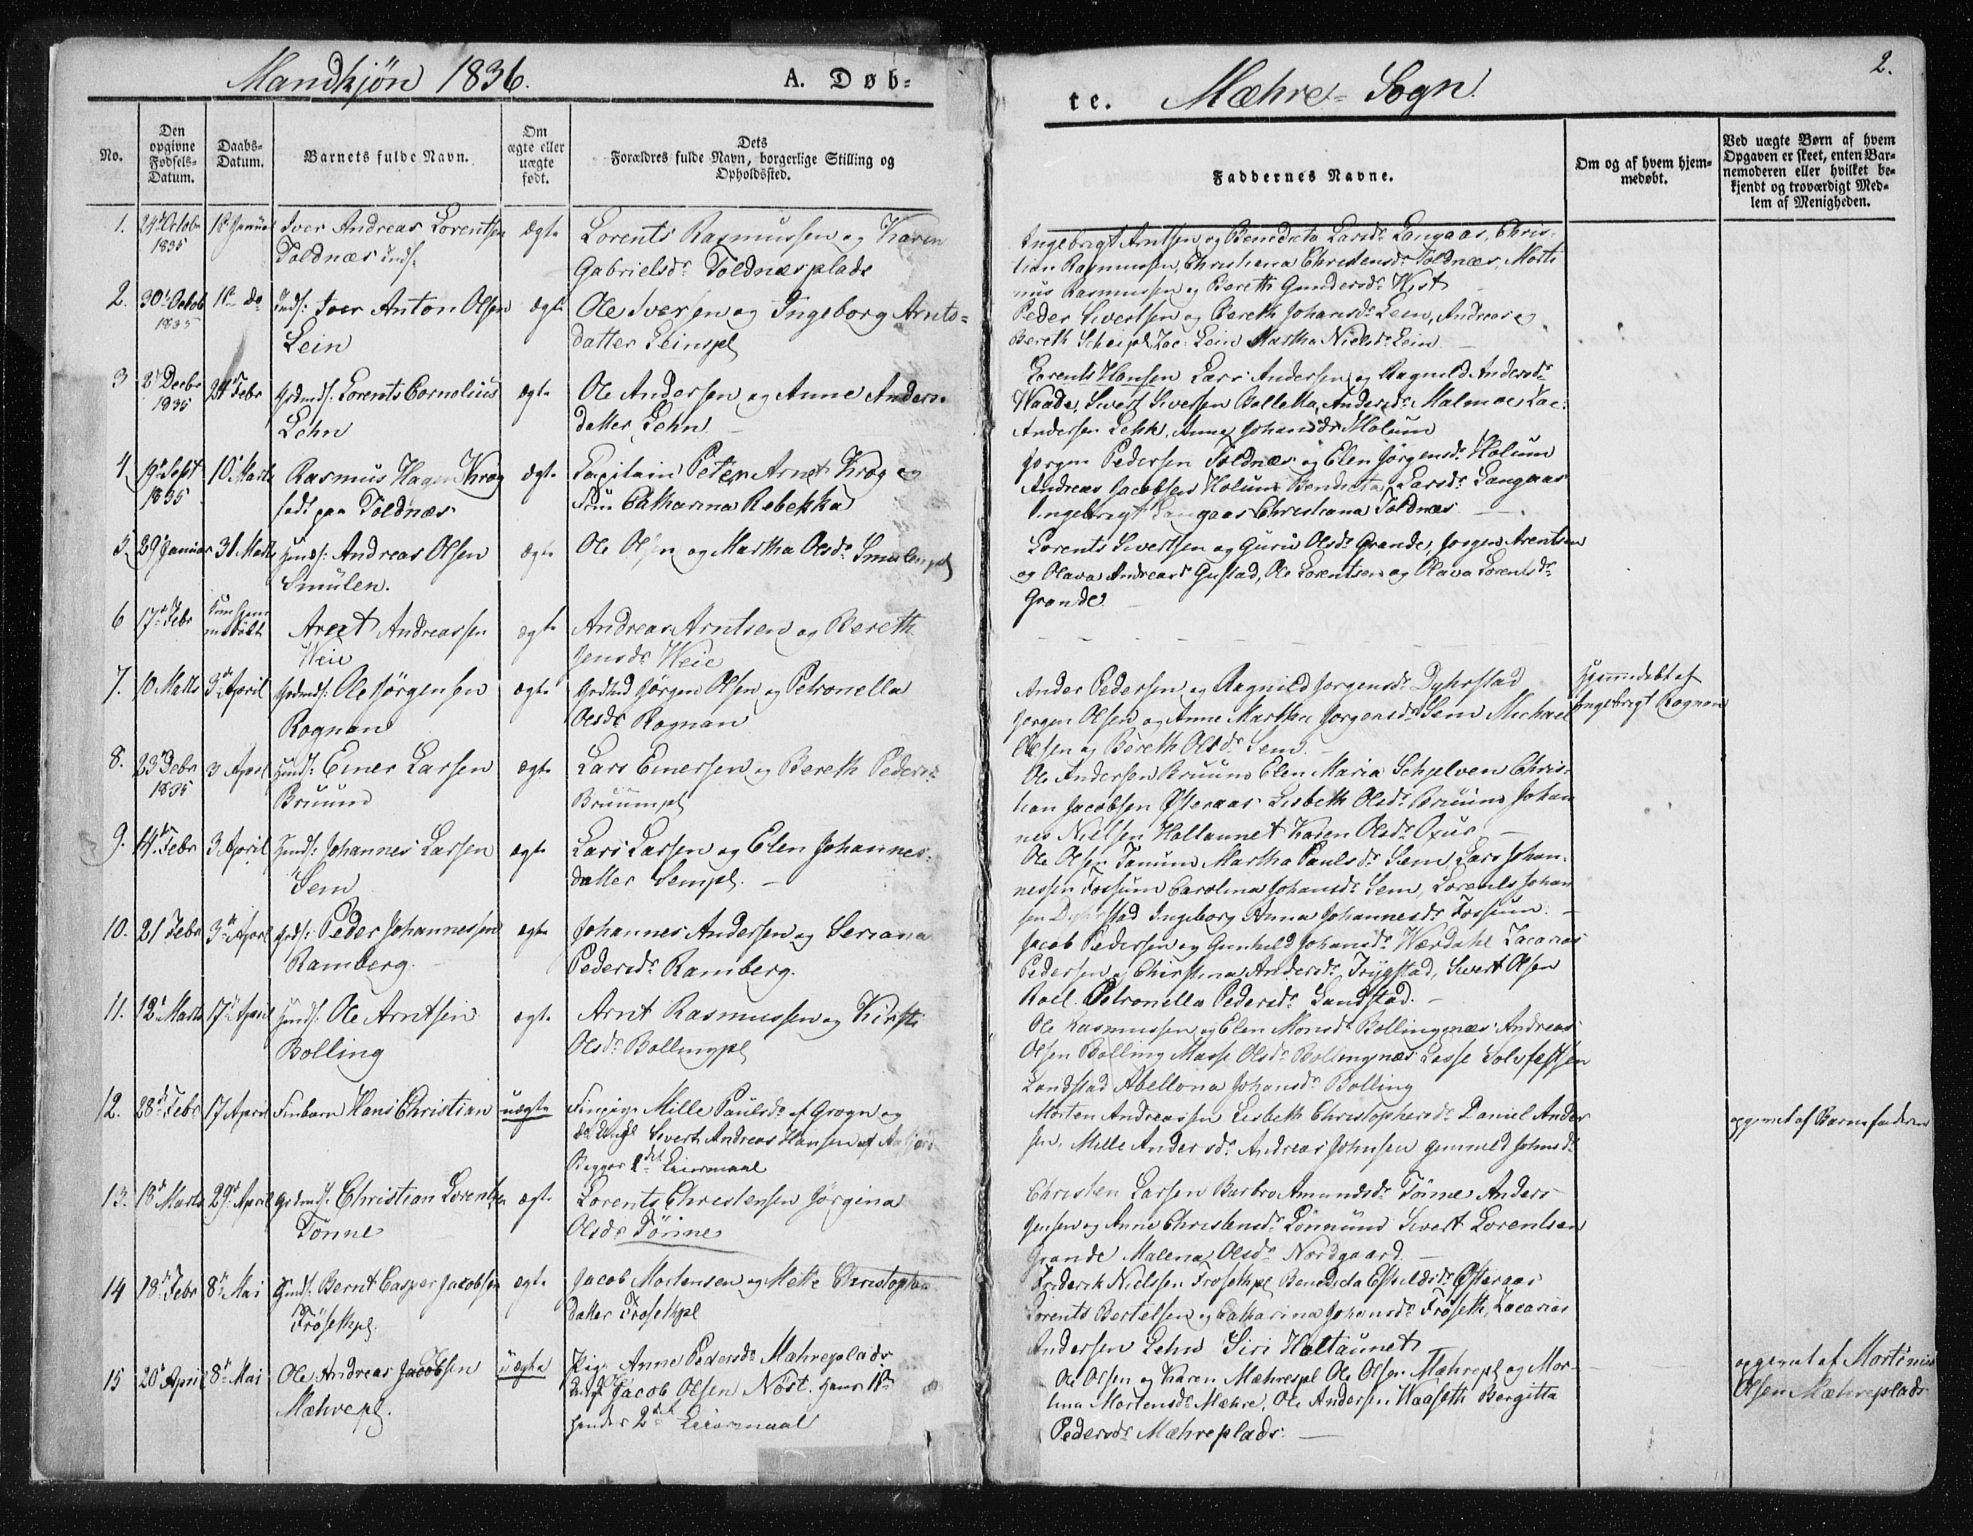 SAT, Ministerialprotokoller, klokkerbøker og fødselsregistre - Nord-Trøndelag, 735/L0339: Ministerialbok nr. 735A06 /1, 1836-1848, s. 2